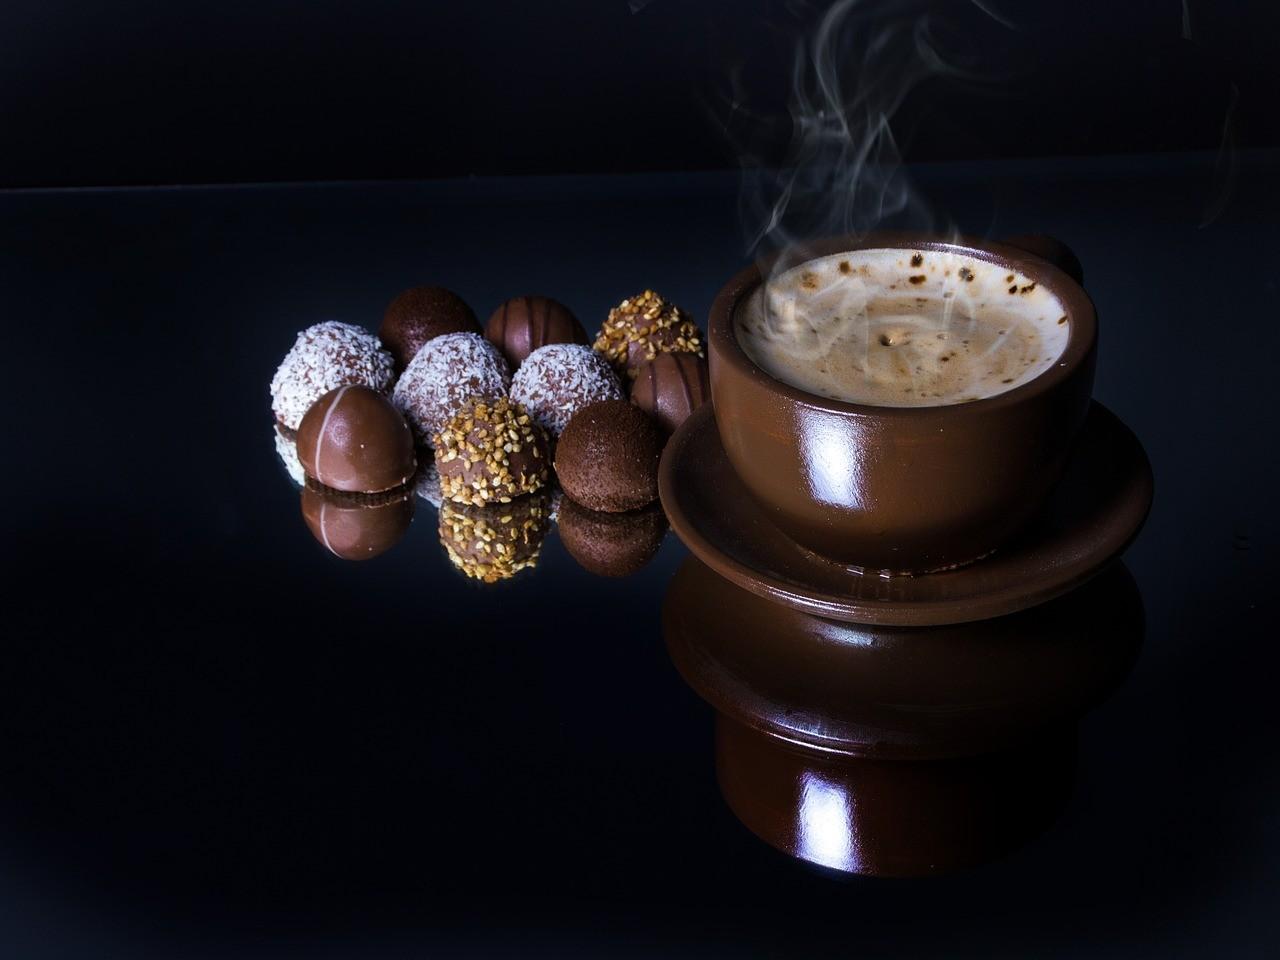 Az édességgyártók szerint egyre több minőségi csokoládét fogyasztanak a magyarok